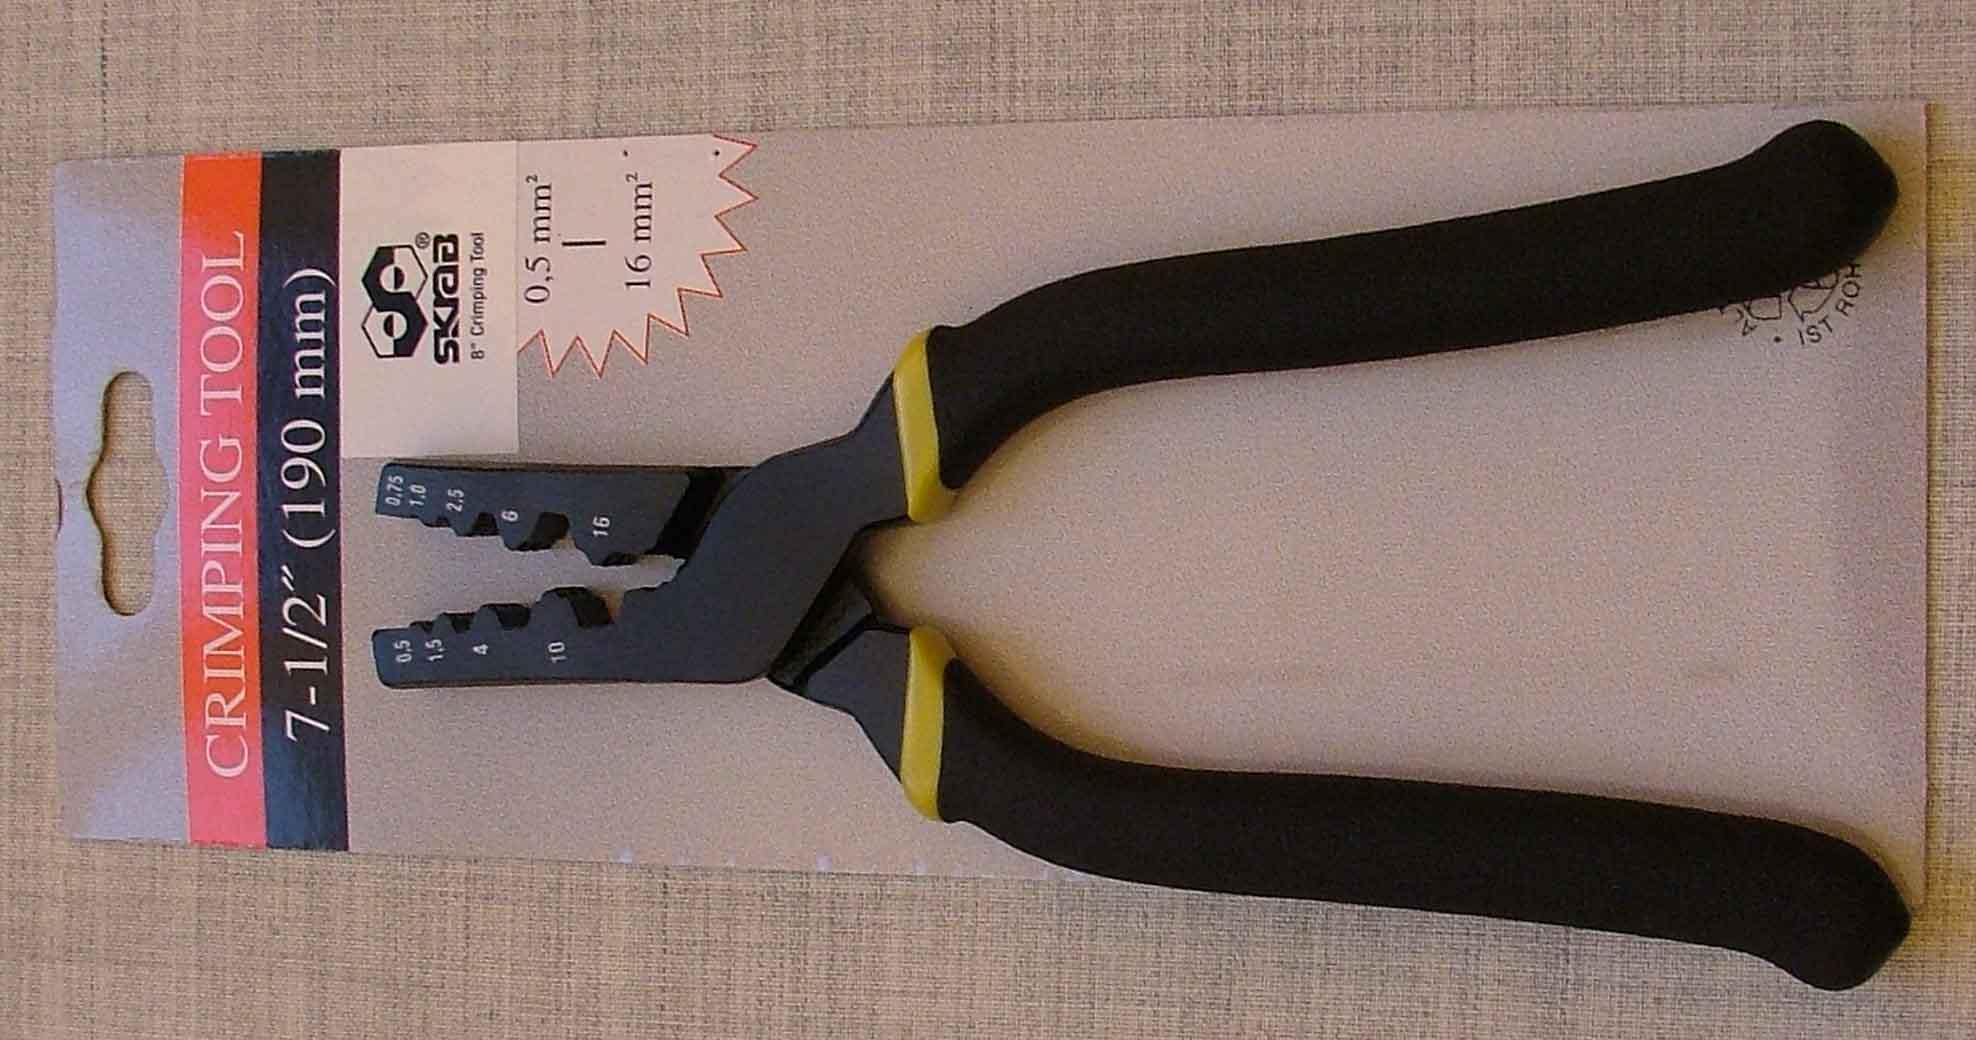 щипцы для клемм skrab - Клещи для зажатия клемм 190мм - Клещи для снятия изоляции